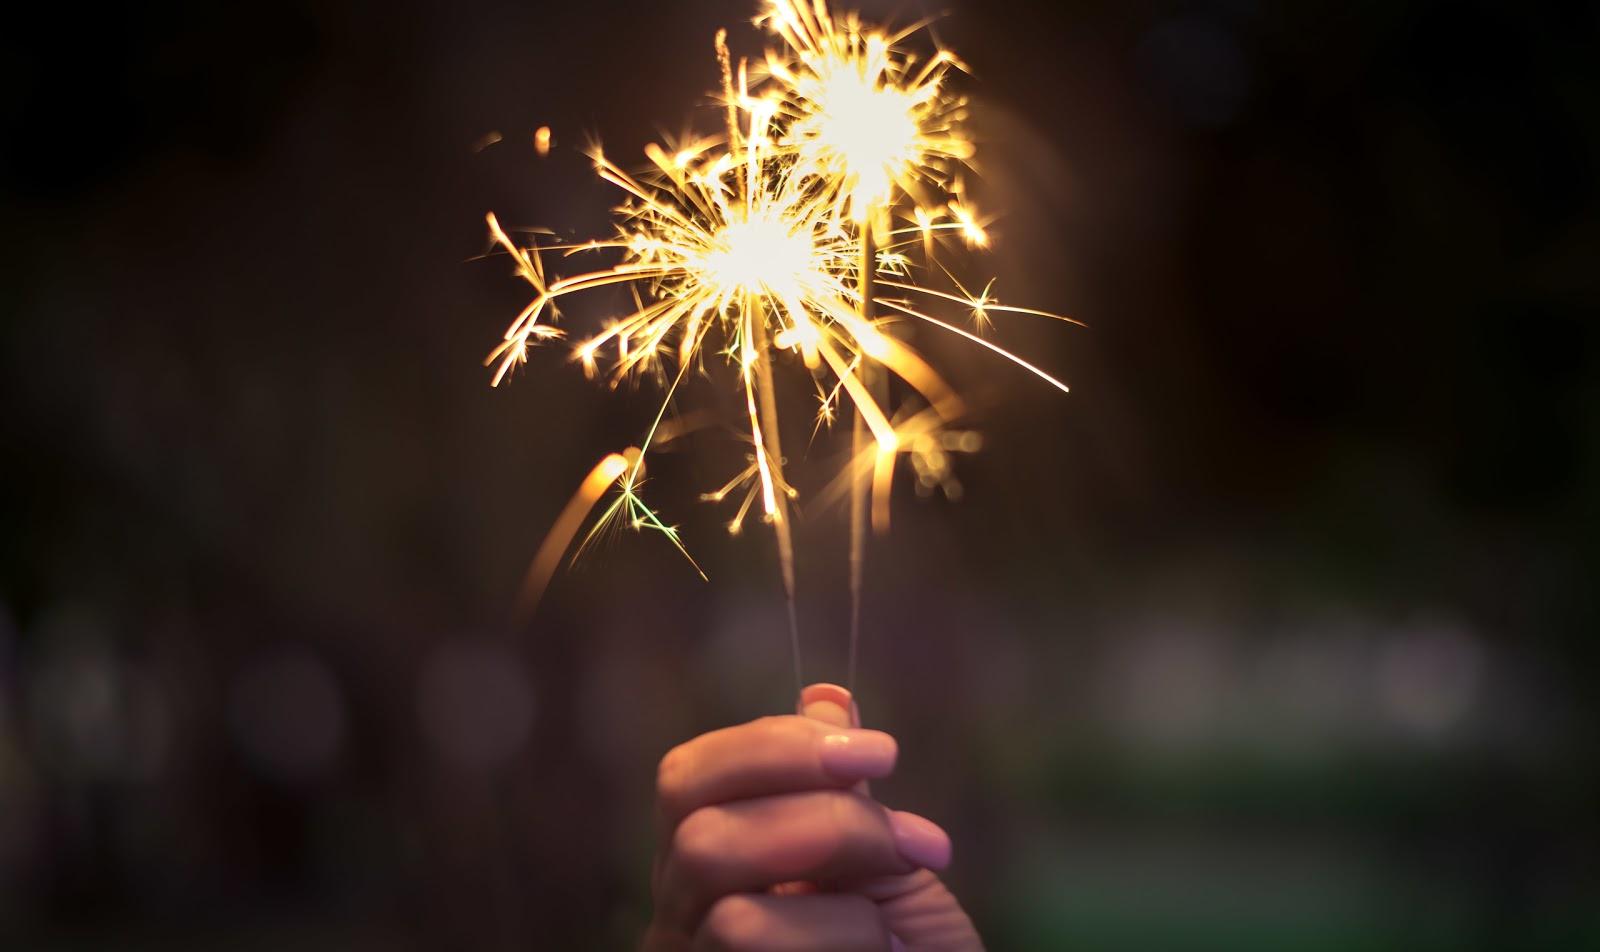 nowy rok, 2018, new year's eve, fireworks, fajerwerki